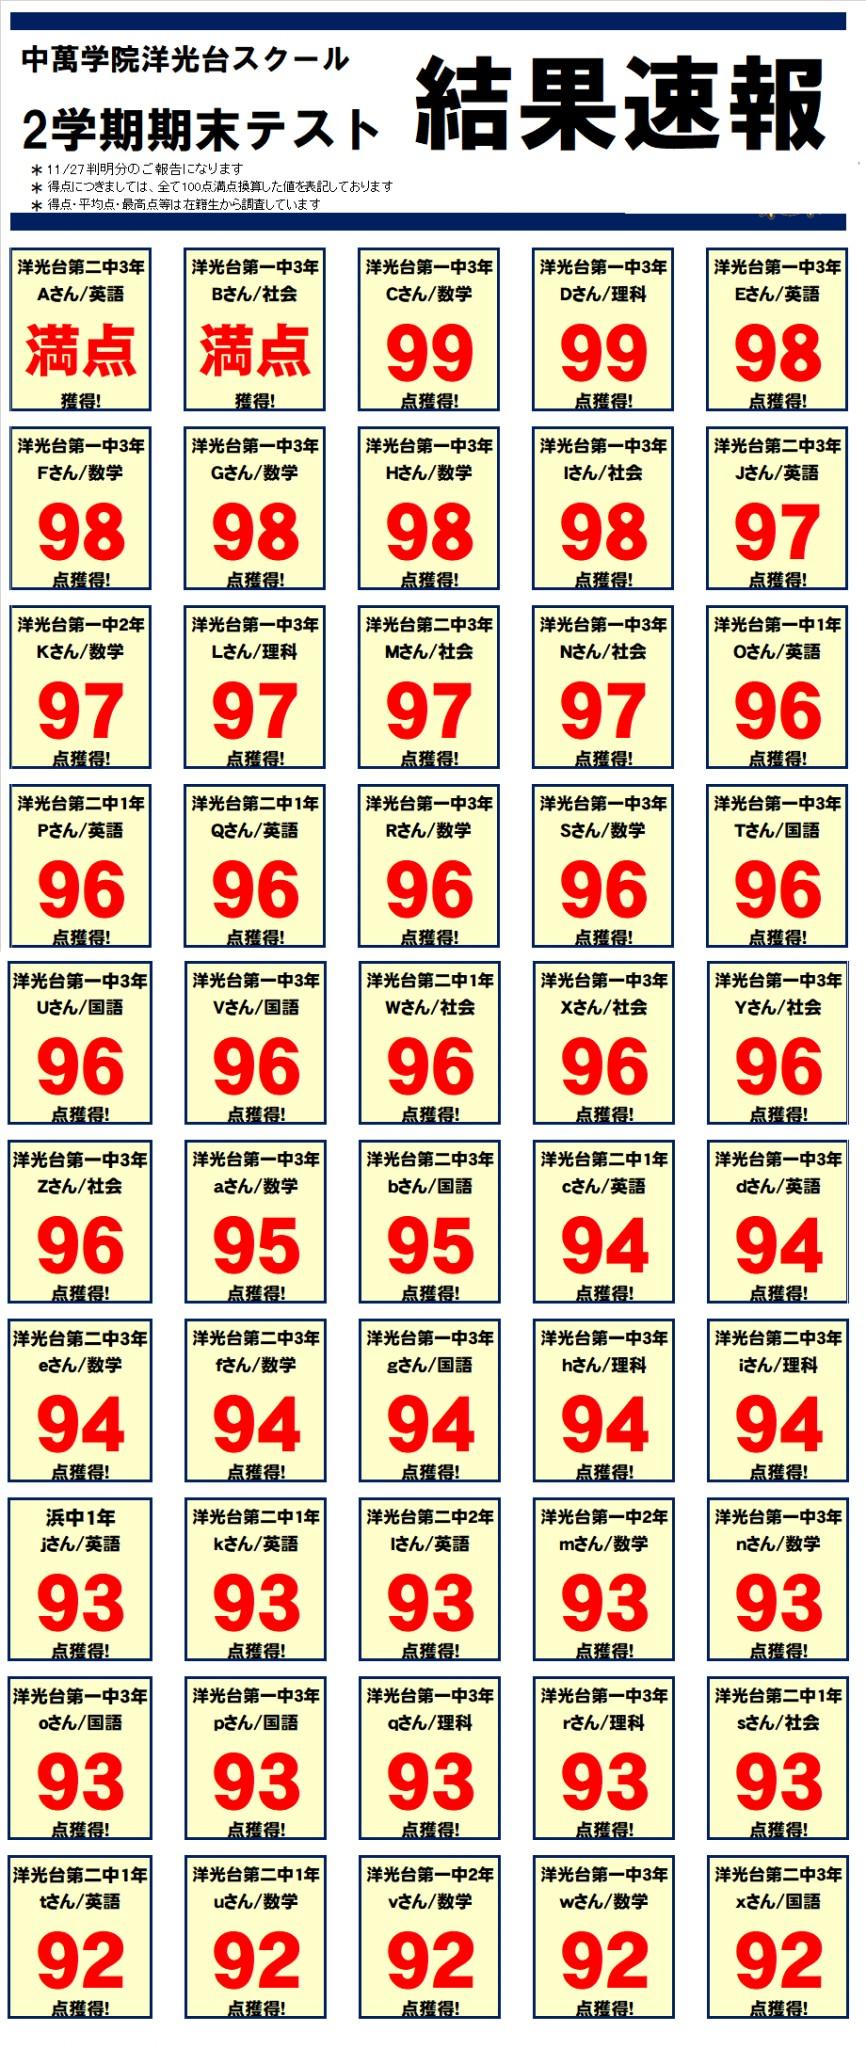 洋光台 塾 テスト対策 中萬 2学期期末